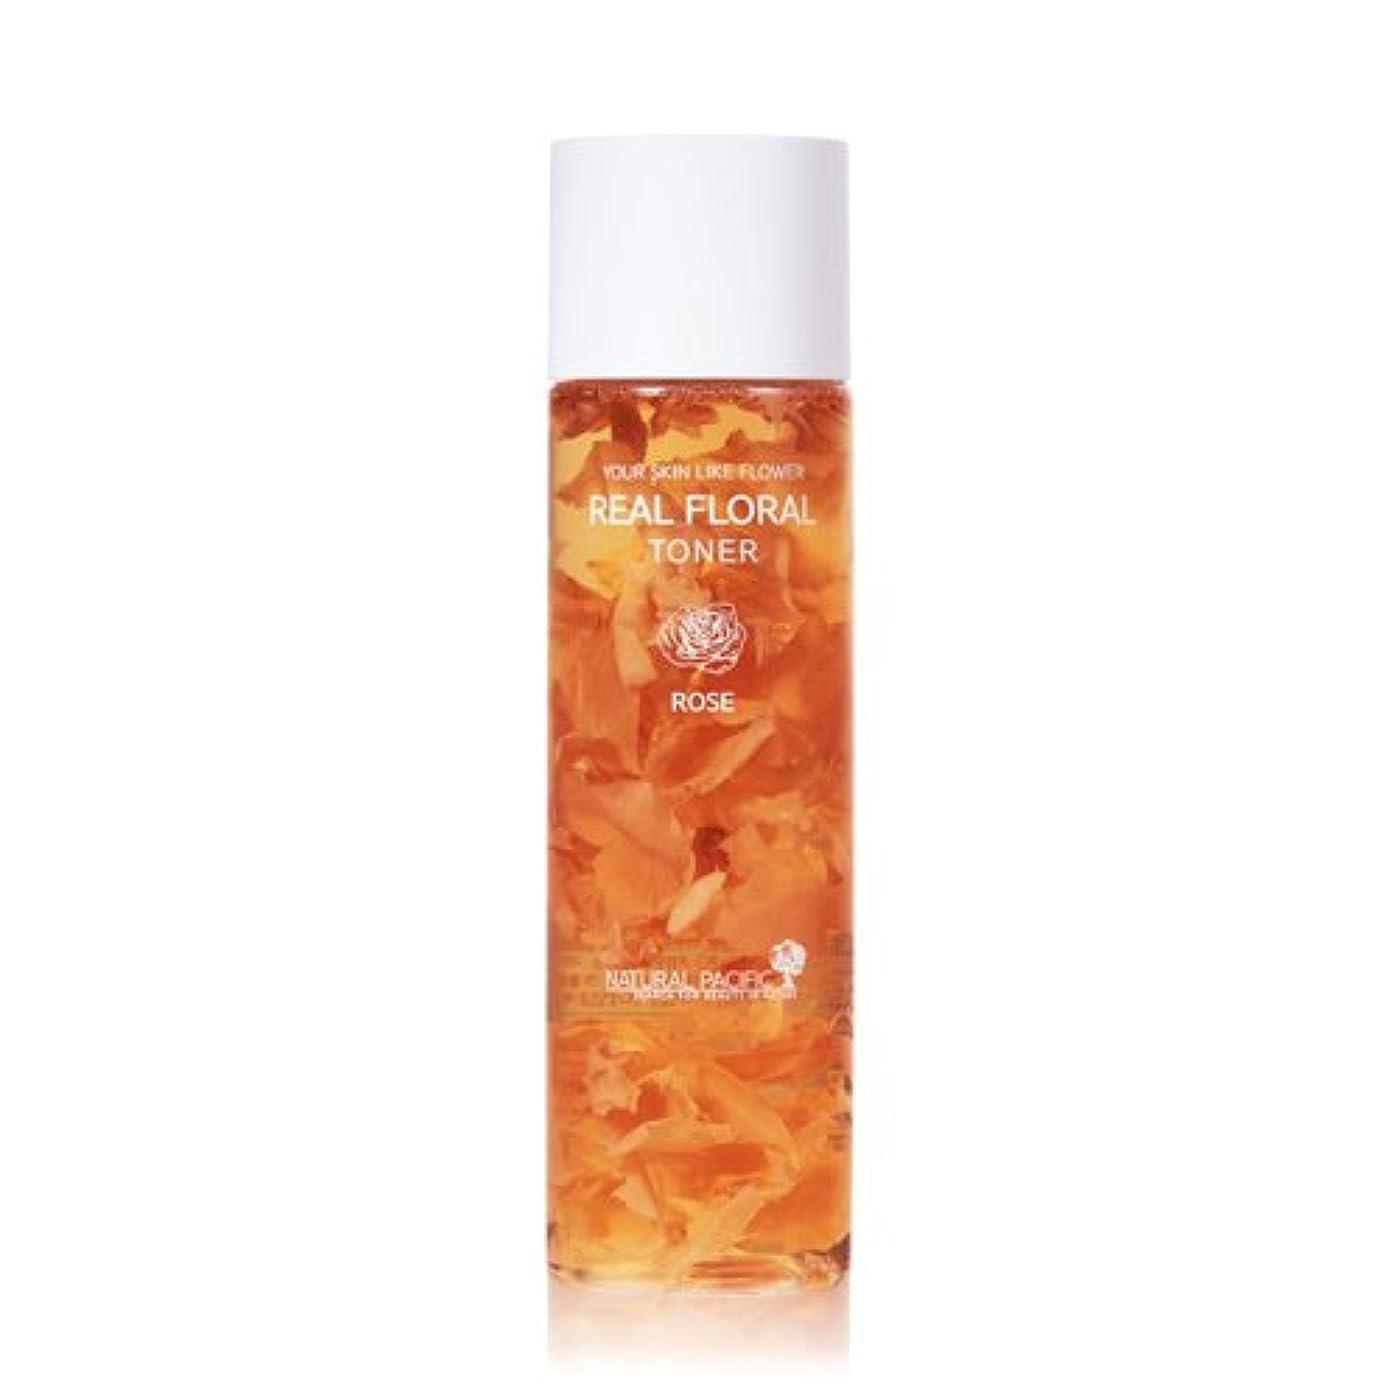 のホスト不器用シャンプーNATURAL PACIFIC Real Rose Floral Toner 180ml/ナチュラルパシフィック リアル ローズ フローラル トナー 180ml [並行輸入品]